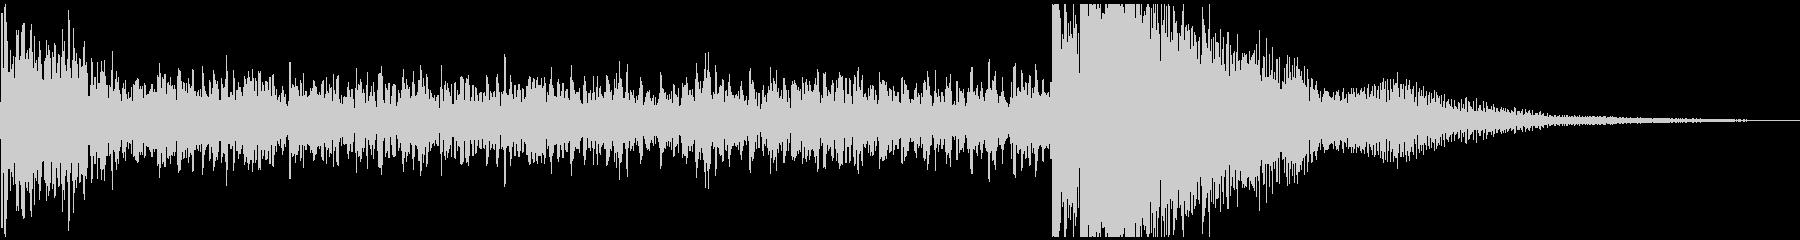 ティンパニーの迫力あるドラムロール/定番の未再生の波形